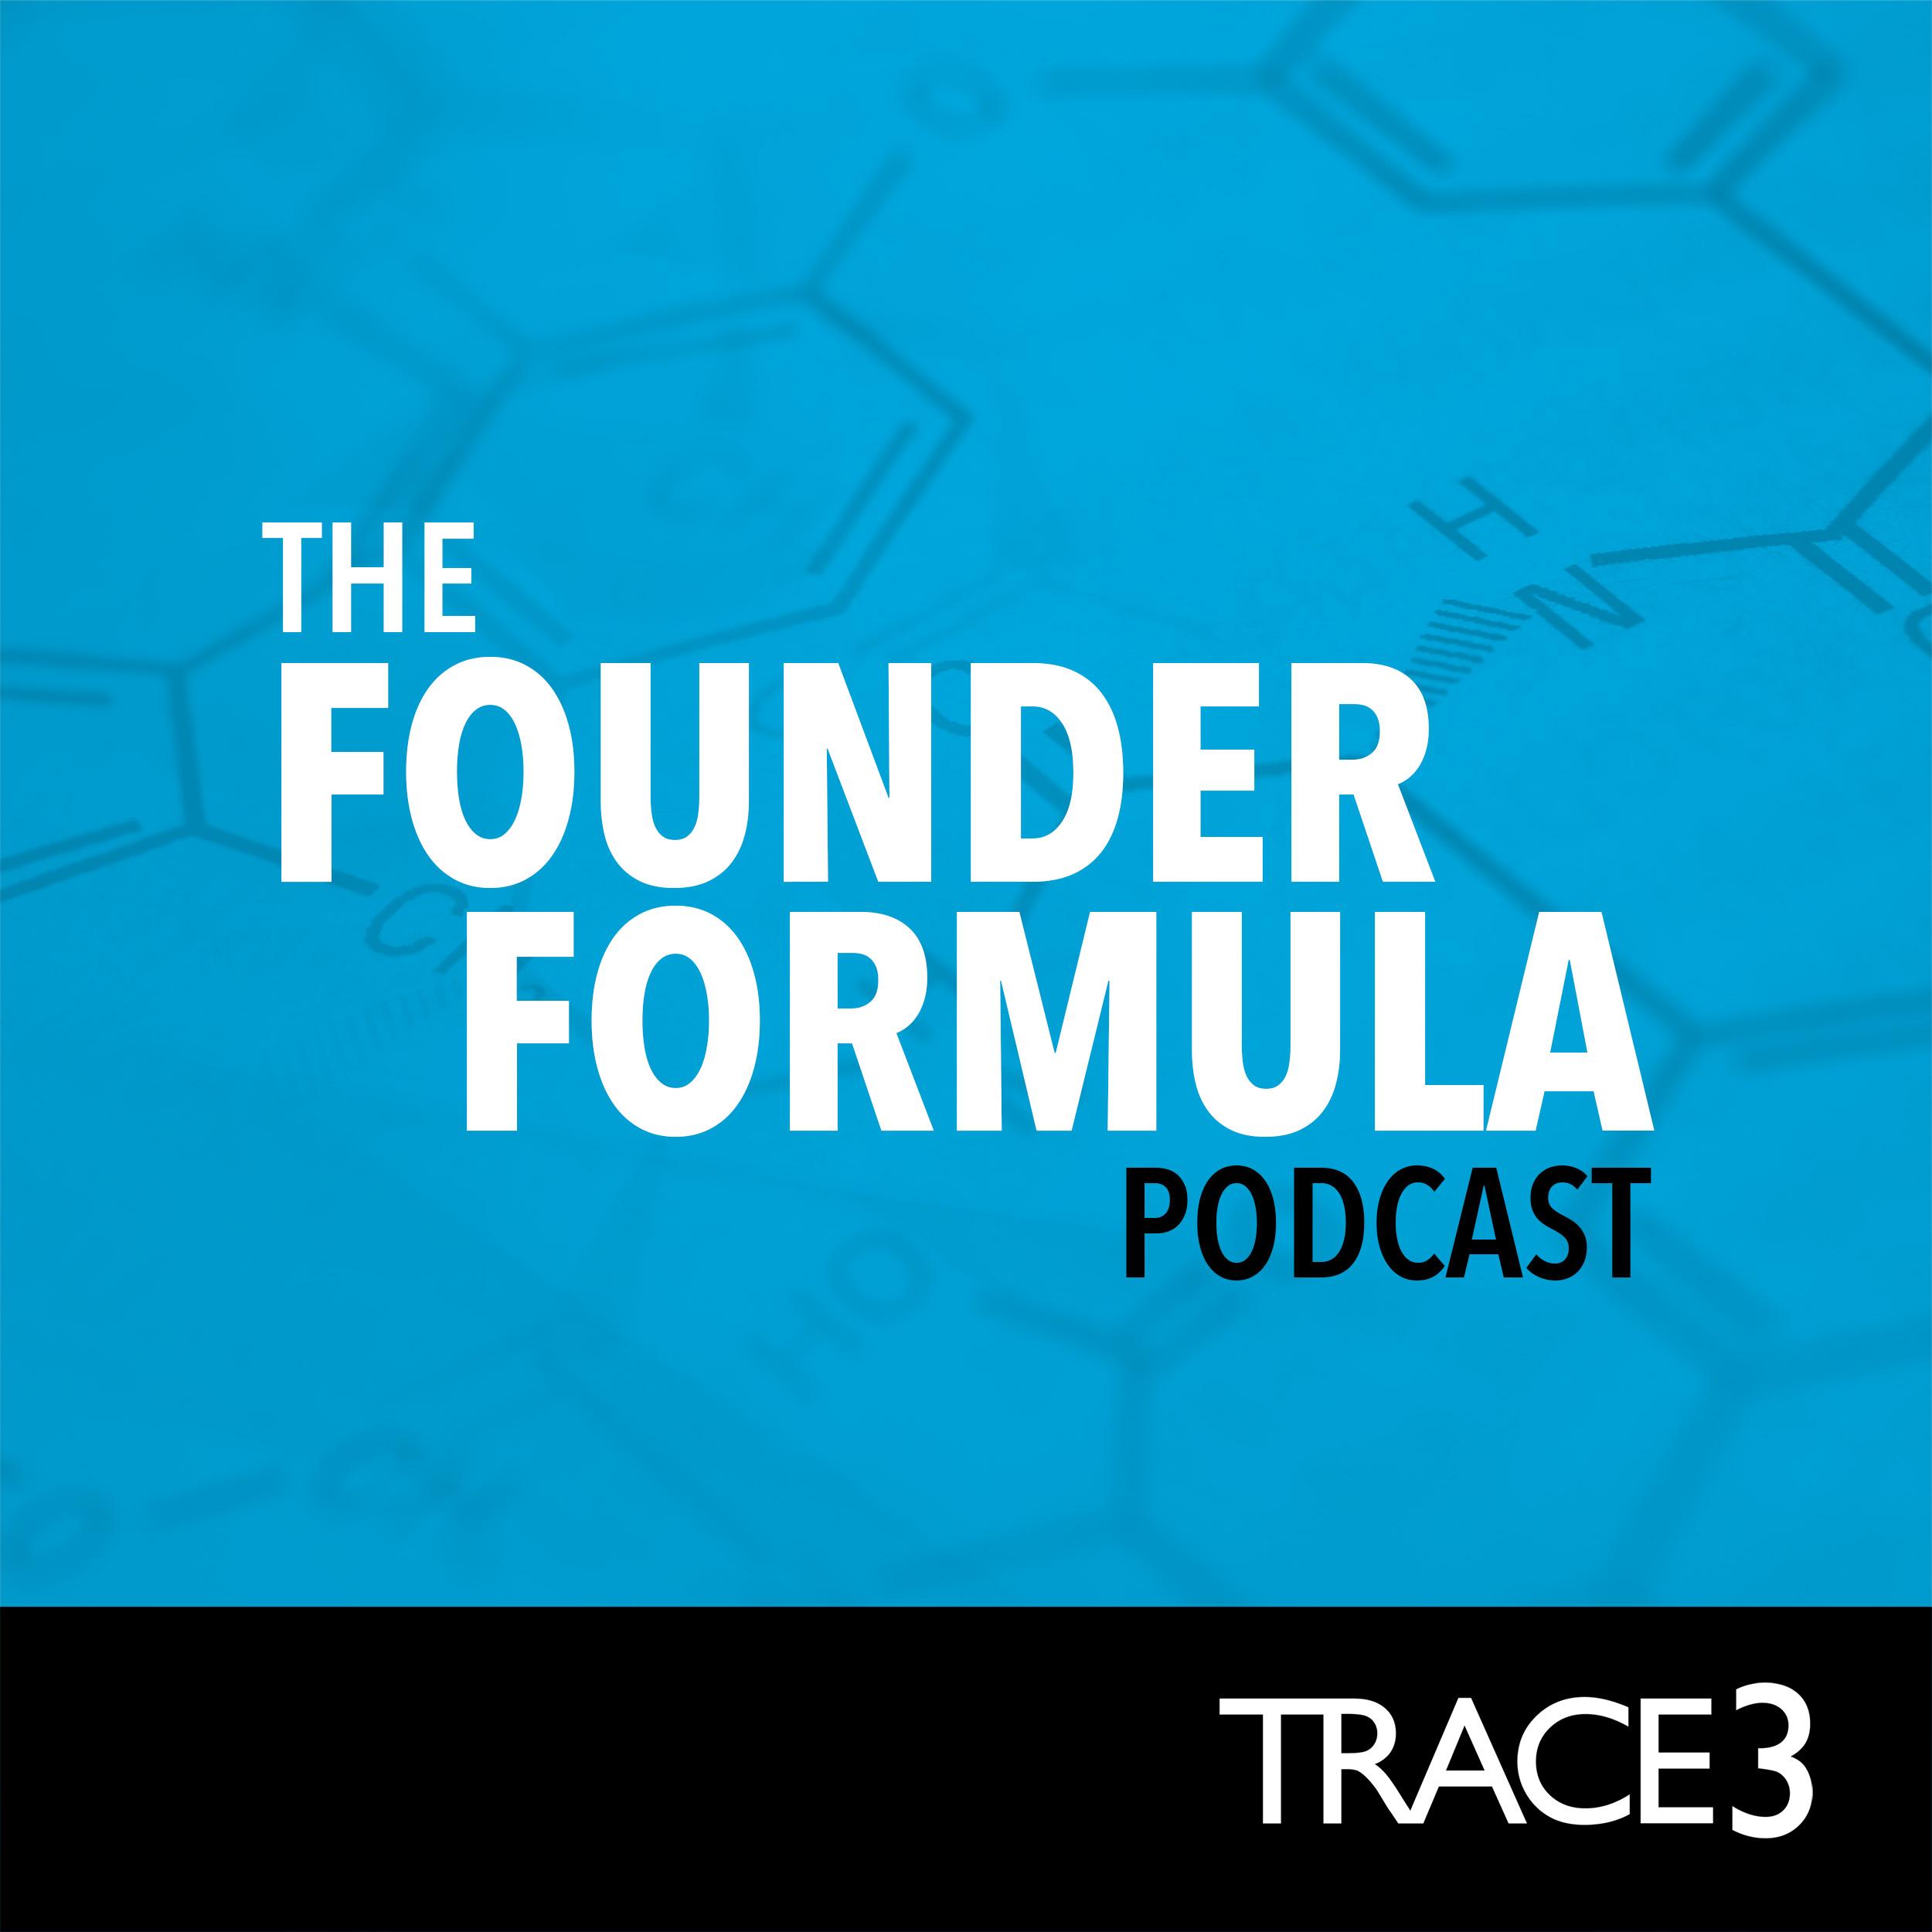 The Founder Formula show art